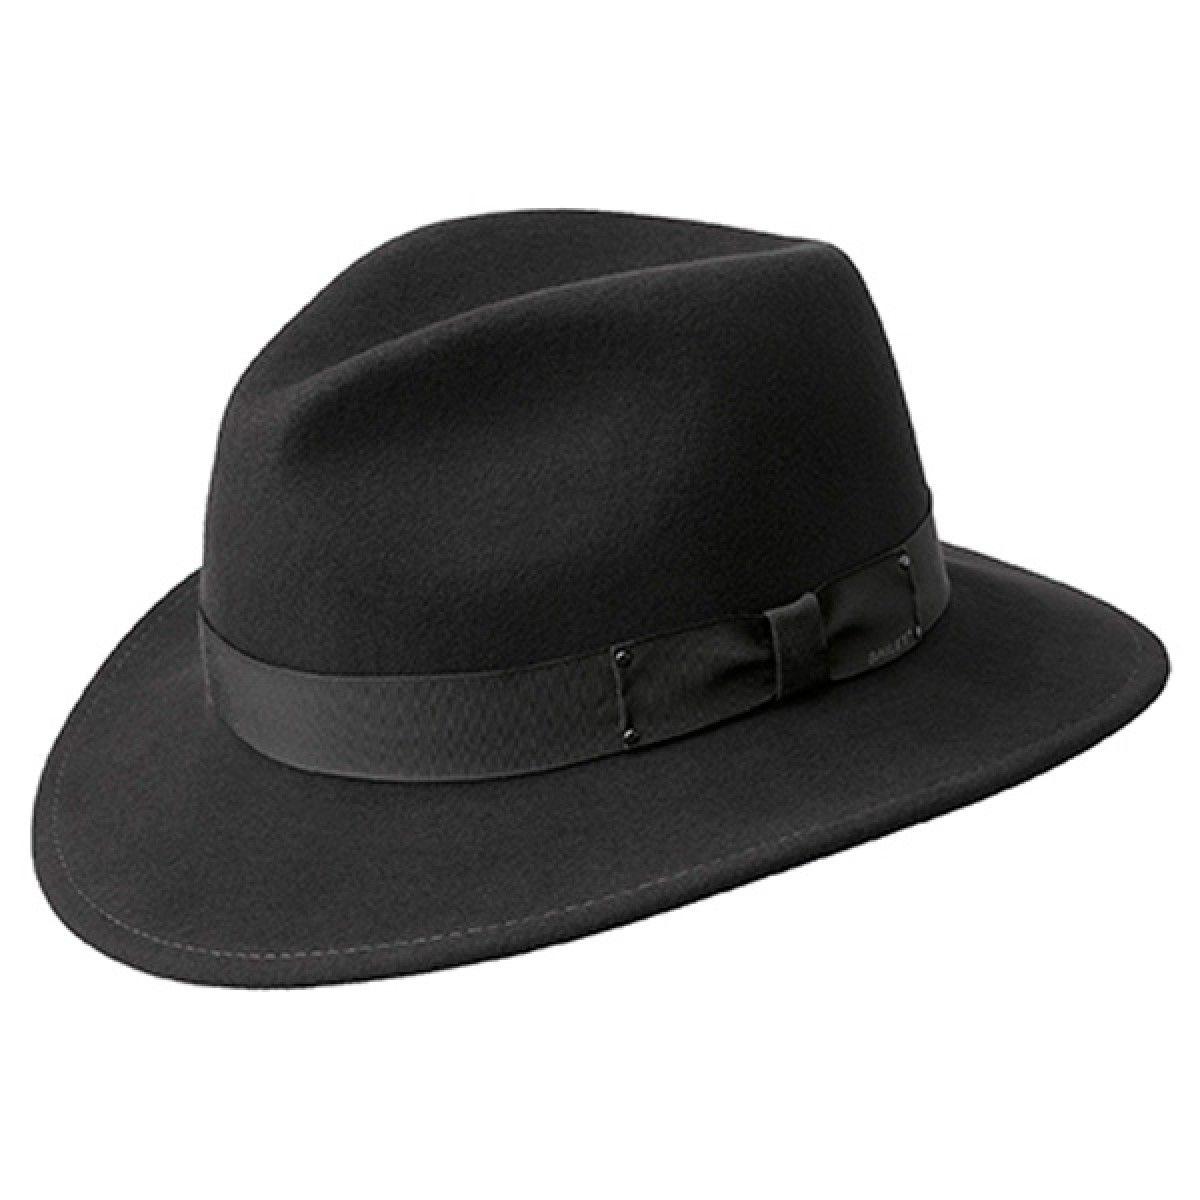 Bailey Curtis - Soft Wool Fedora Hat en 2018  a1cfeb7d225a